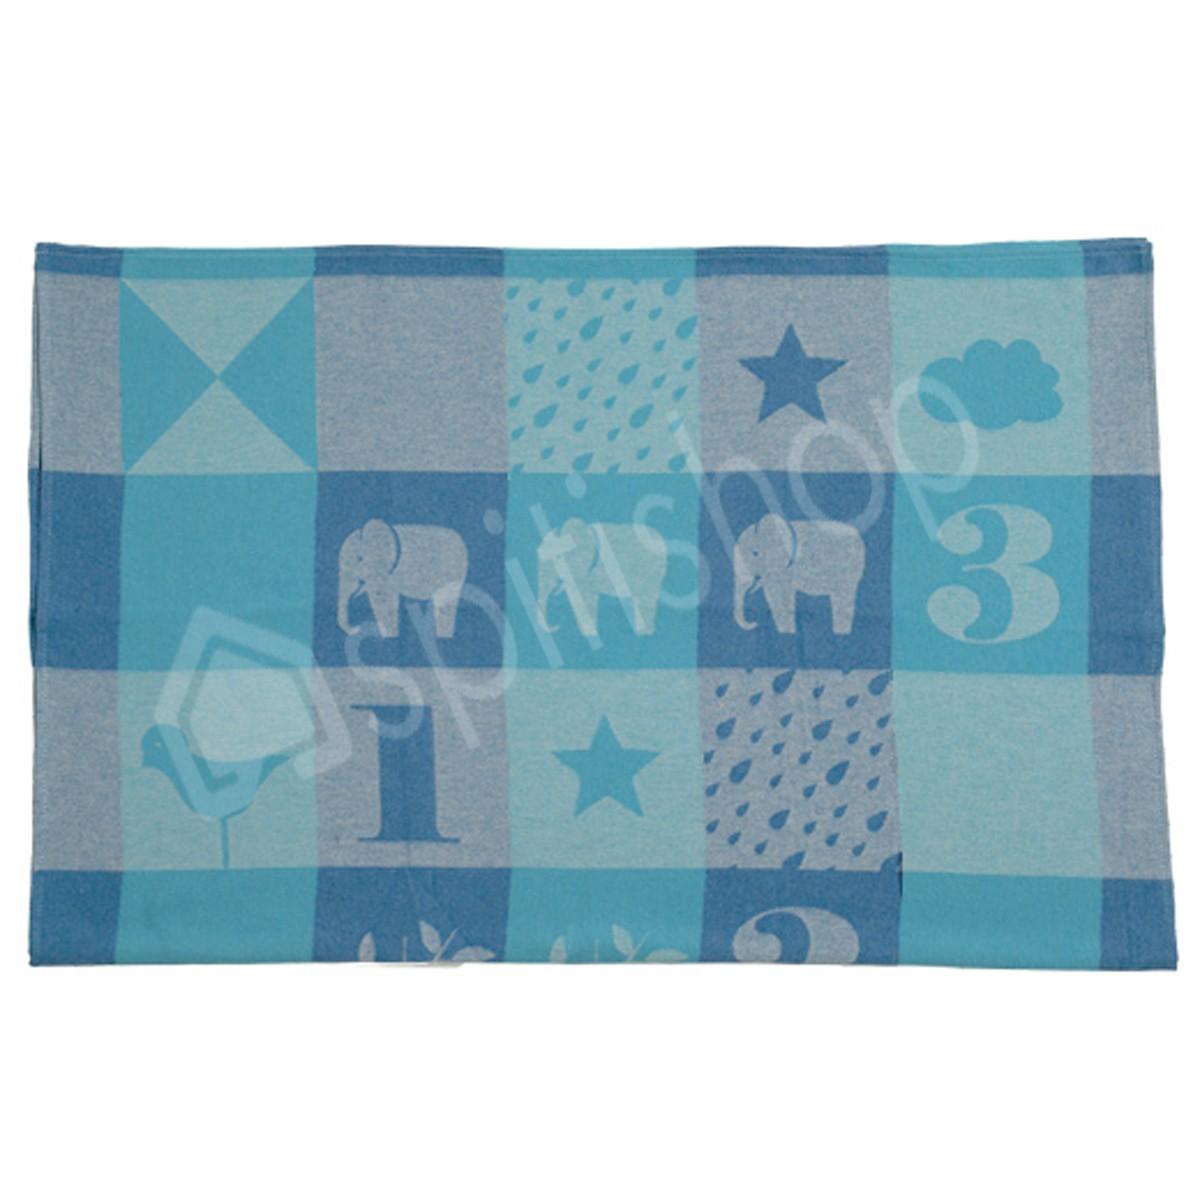 Κουβέρτα Κούνιας Fleece David Fussenegger Ida 2810/25 home   βρεφικά   κουβέρτες βρεφικές   κουβέρτες fleece